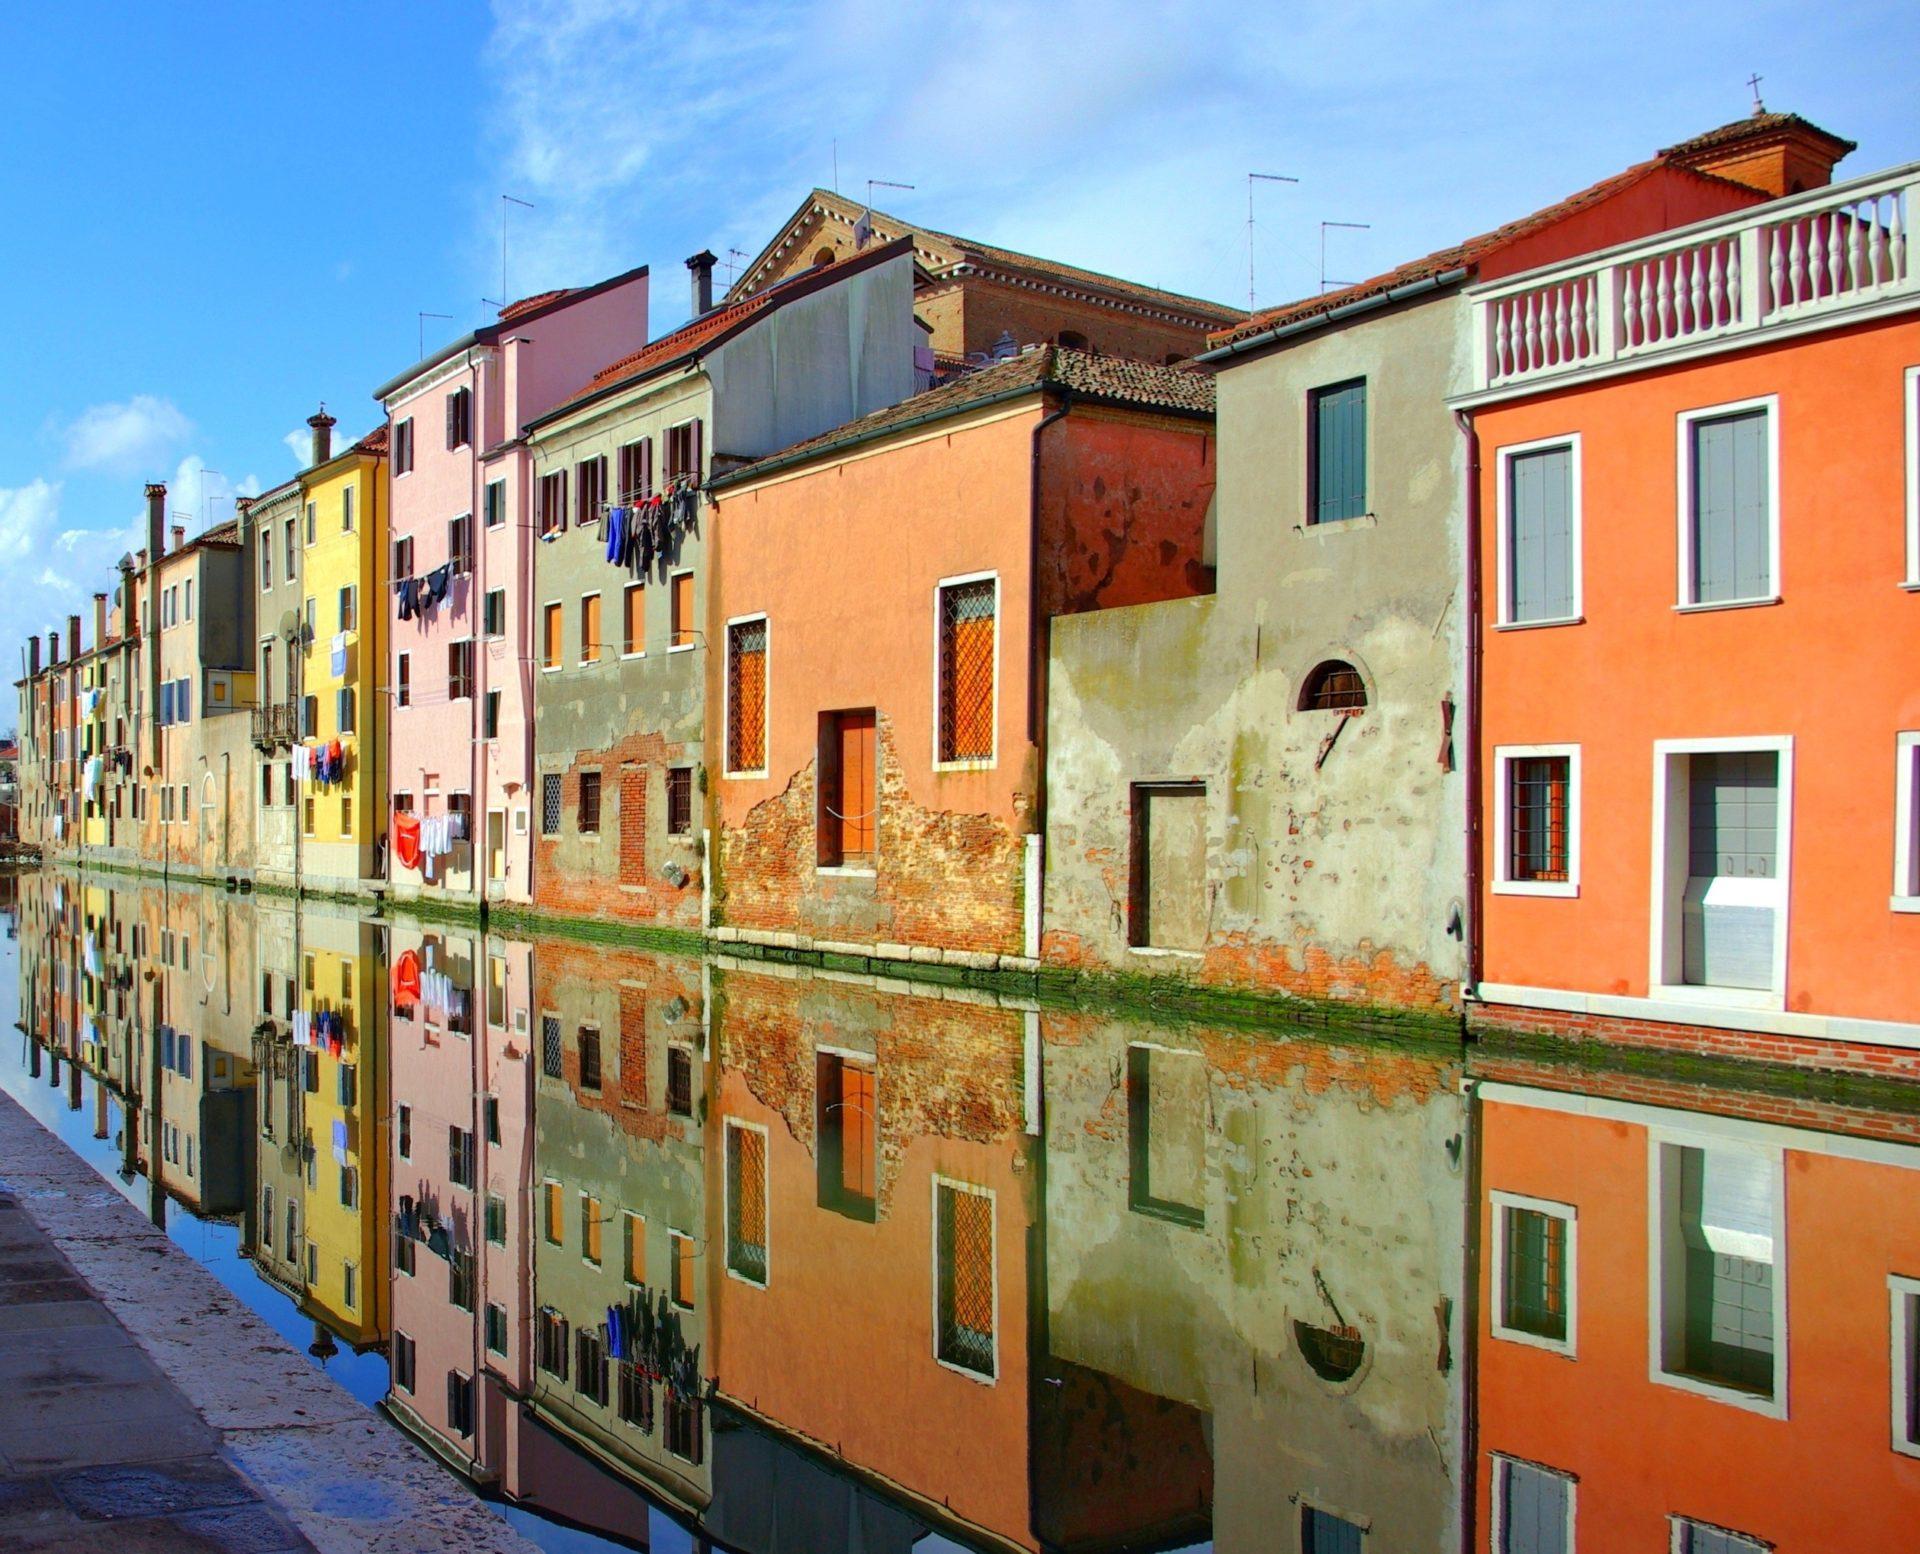 Wassertemperatur Chioggia